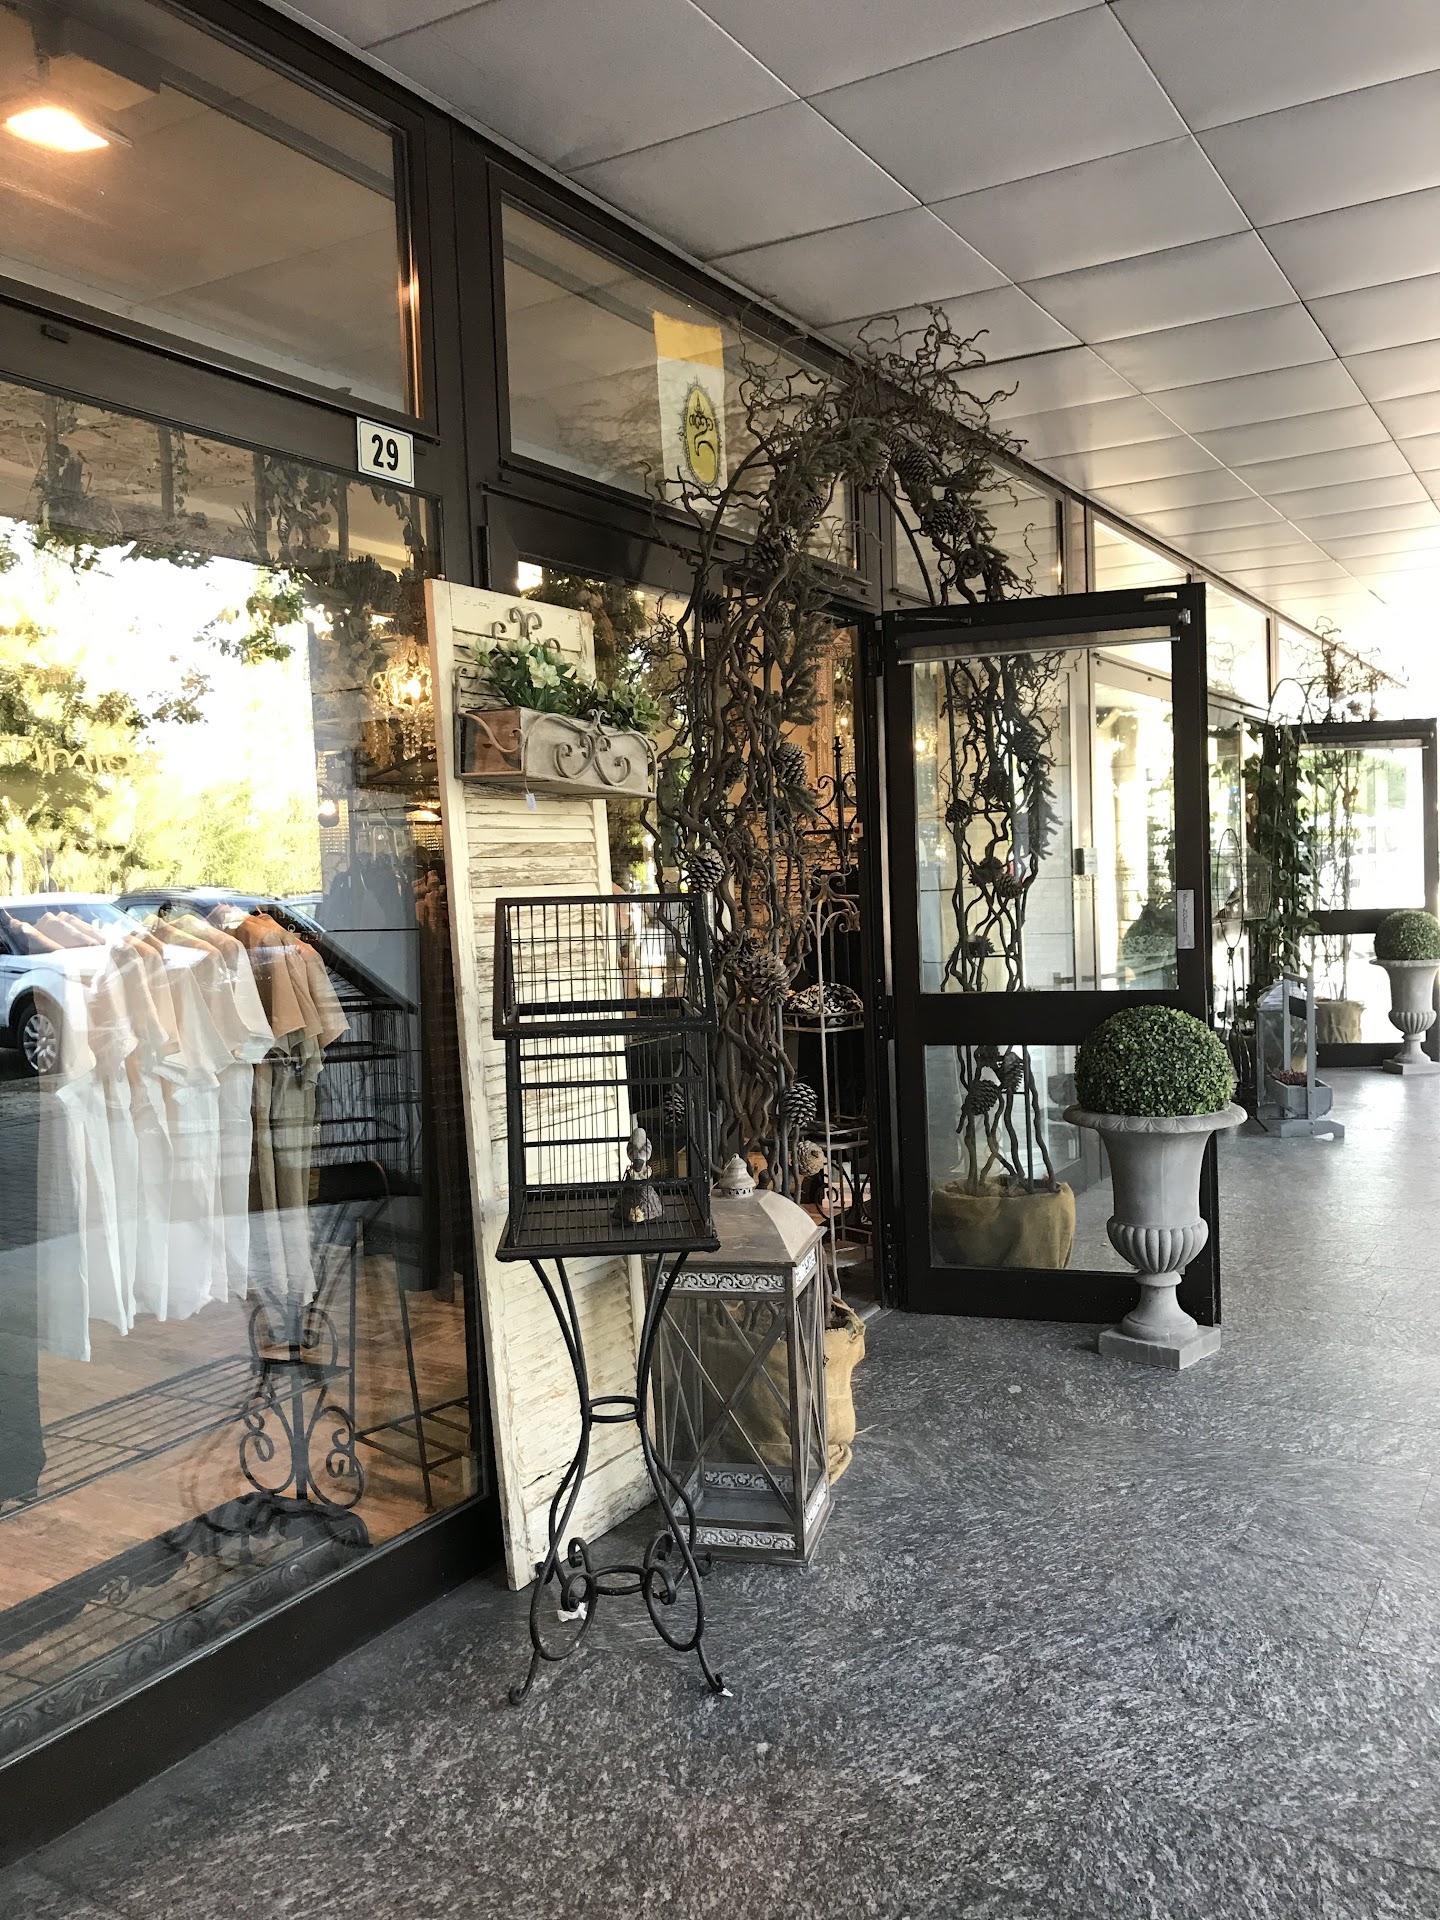 Timida - Negozio Di Articoli Da Regalo a Ravenna